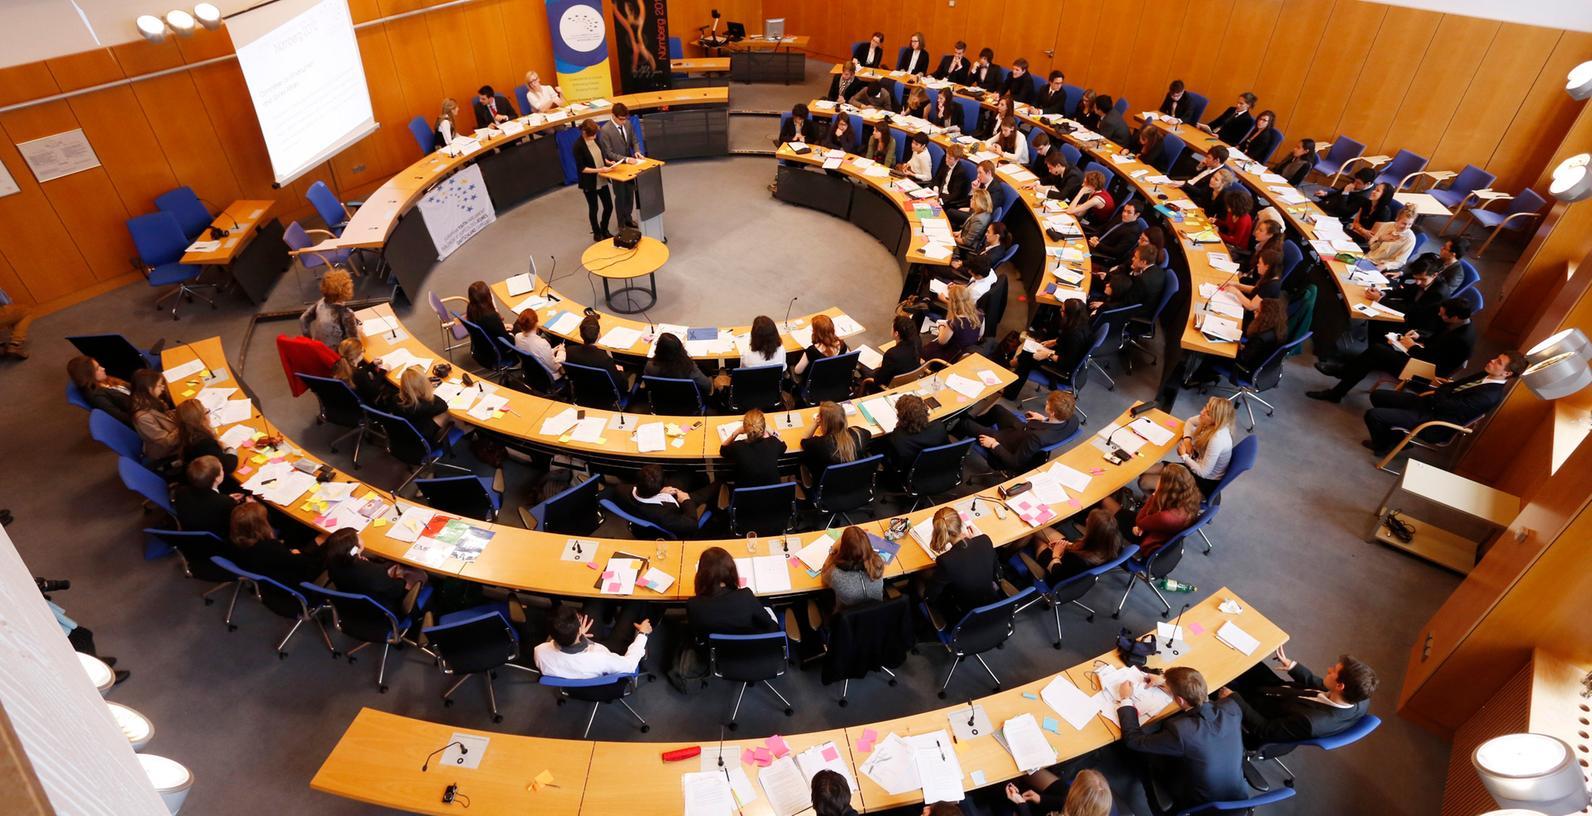 28 neue Kandidatinnen und Kandidaten ziehen in den nächsten Nürnberger Stadtrat ein. Insgesamt gibt es 70 Sitze in dem Gremium. Allein 13 Neulinge schickt zum Beispiel die SPD ins Kommunalparlament, sechs sind es bei der CSU und drei bei den Grünen. Zwei Neue verstärken die Linke Liste.